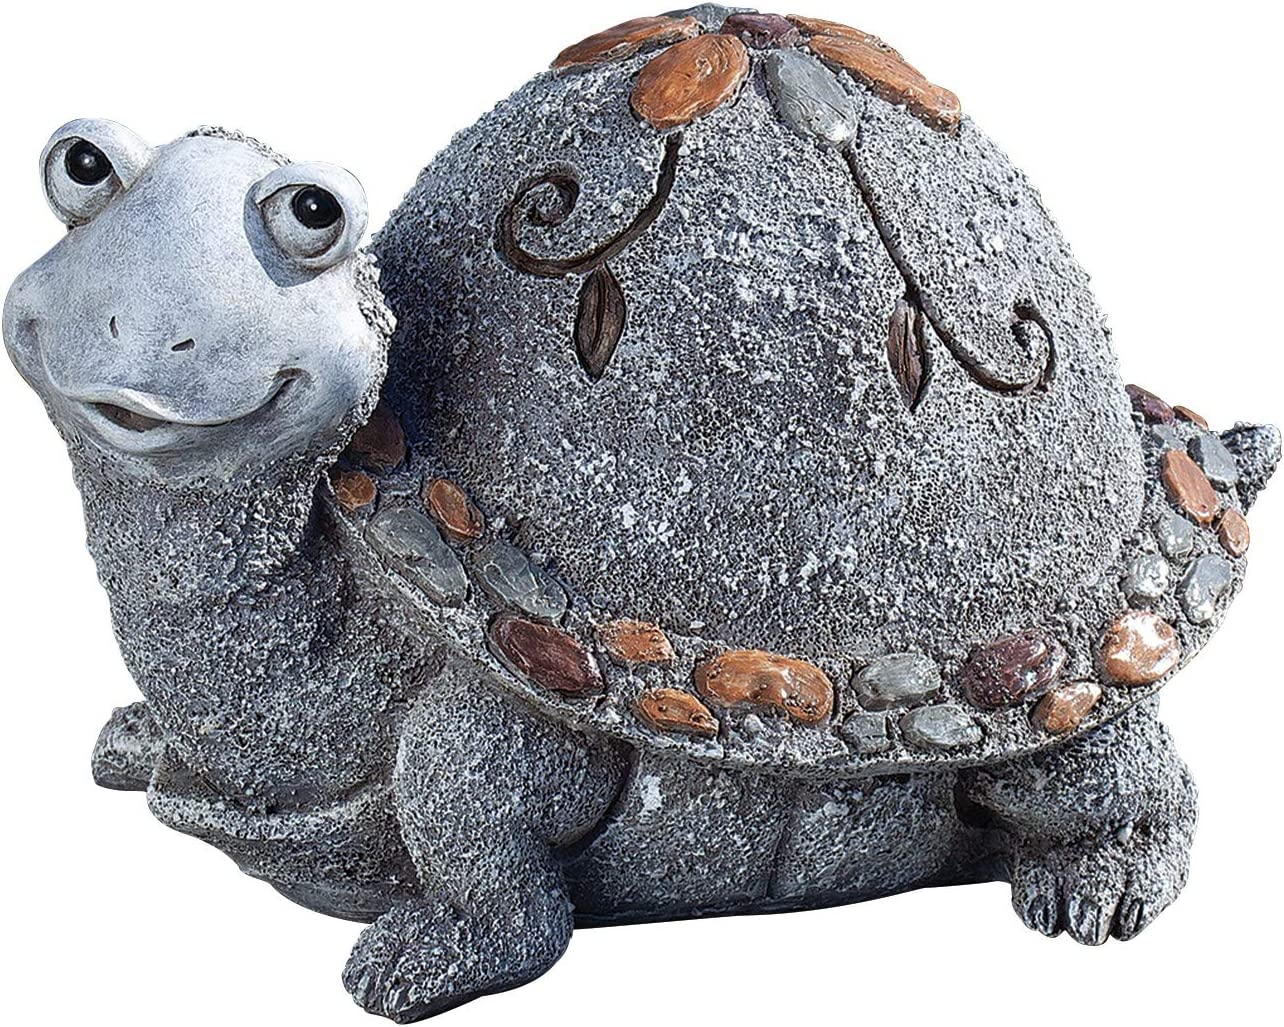 Roman Garden - Pebble Turtle Statue, 6H, Garden Collection, Resin and Stone, Decorative, Garden Gift, Home Outdoor Decor, Durable, Long Lasting